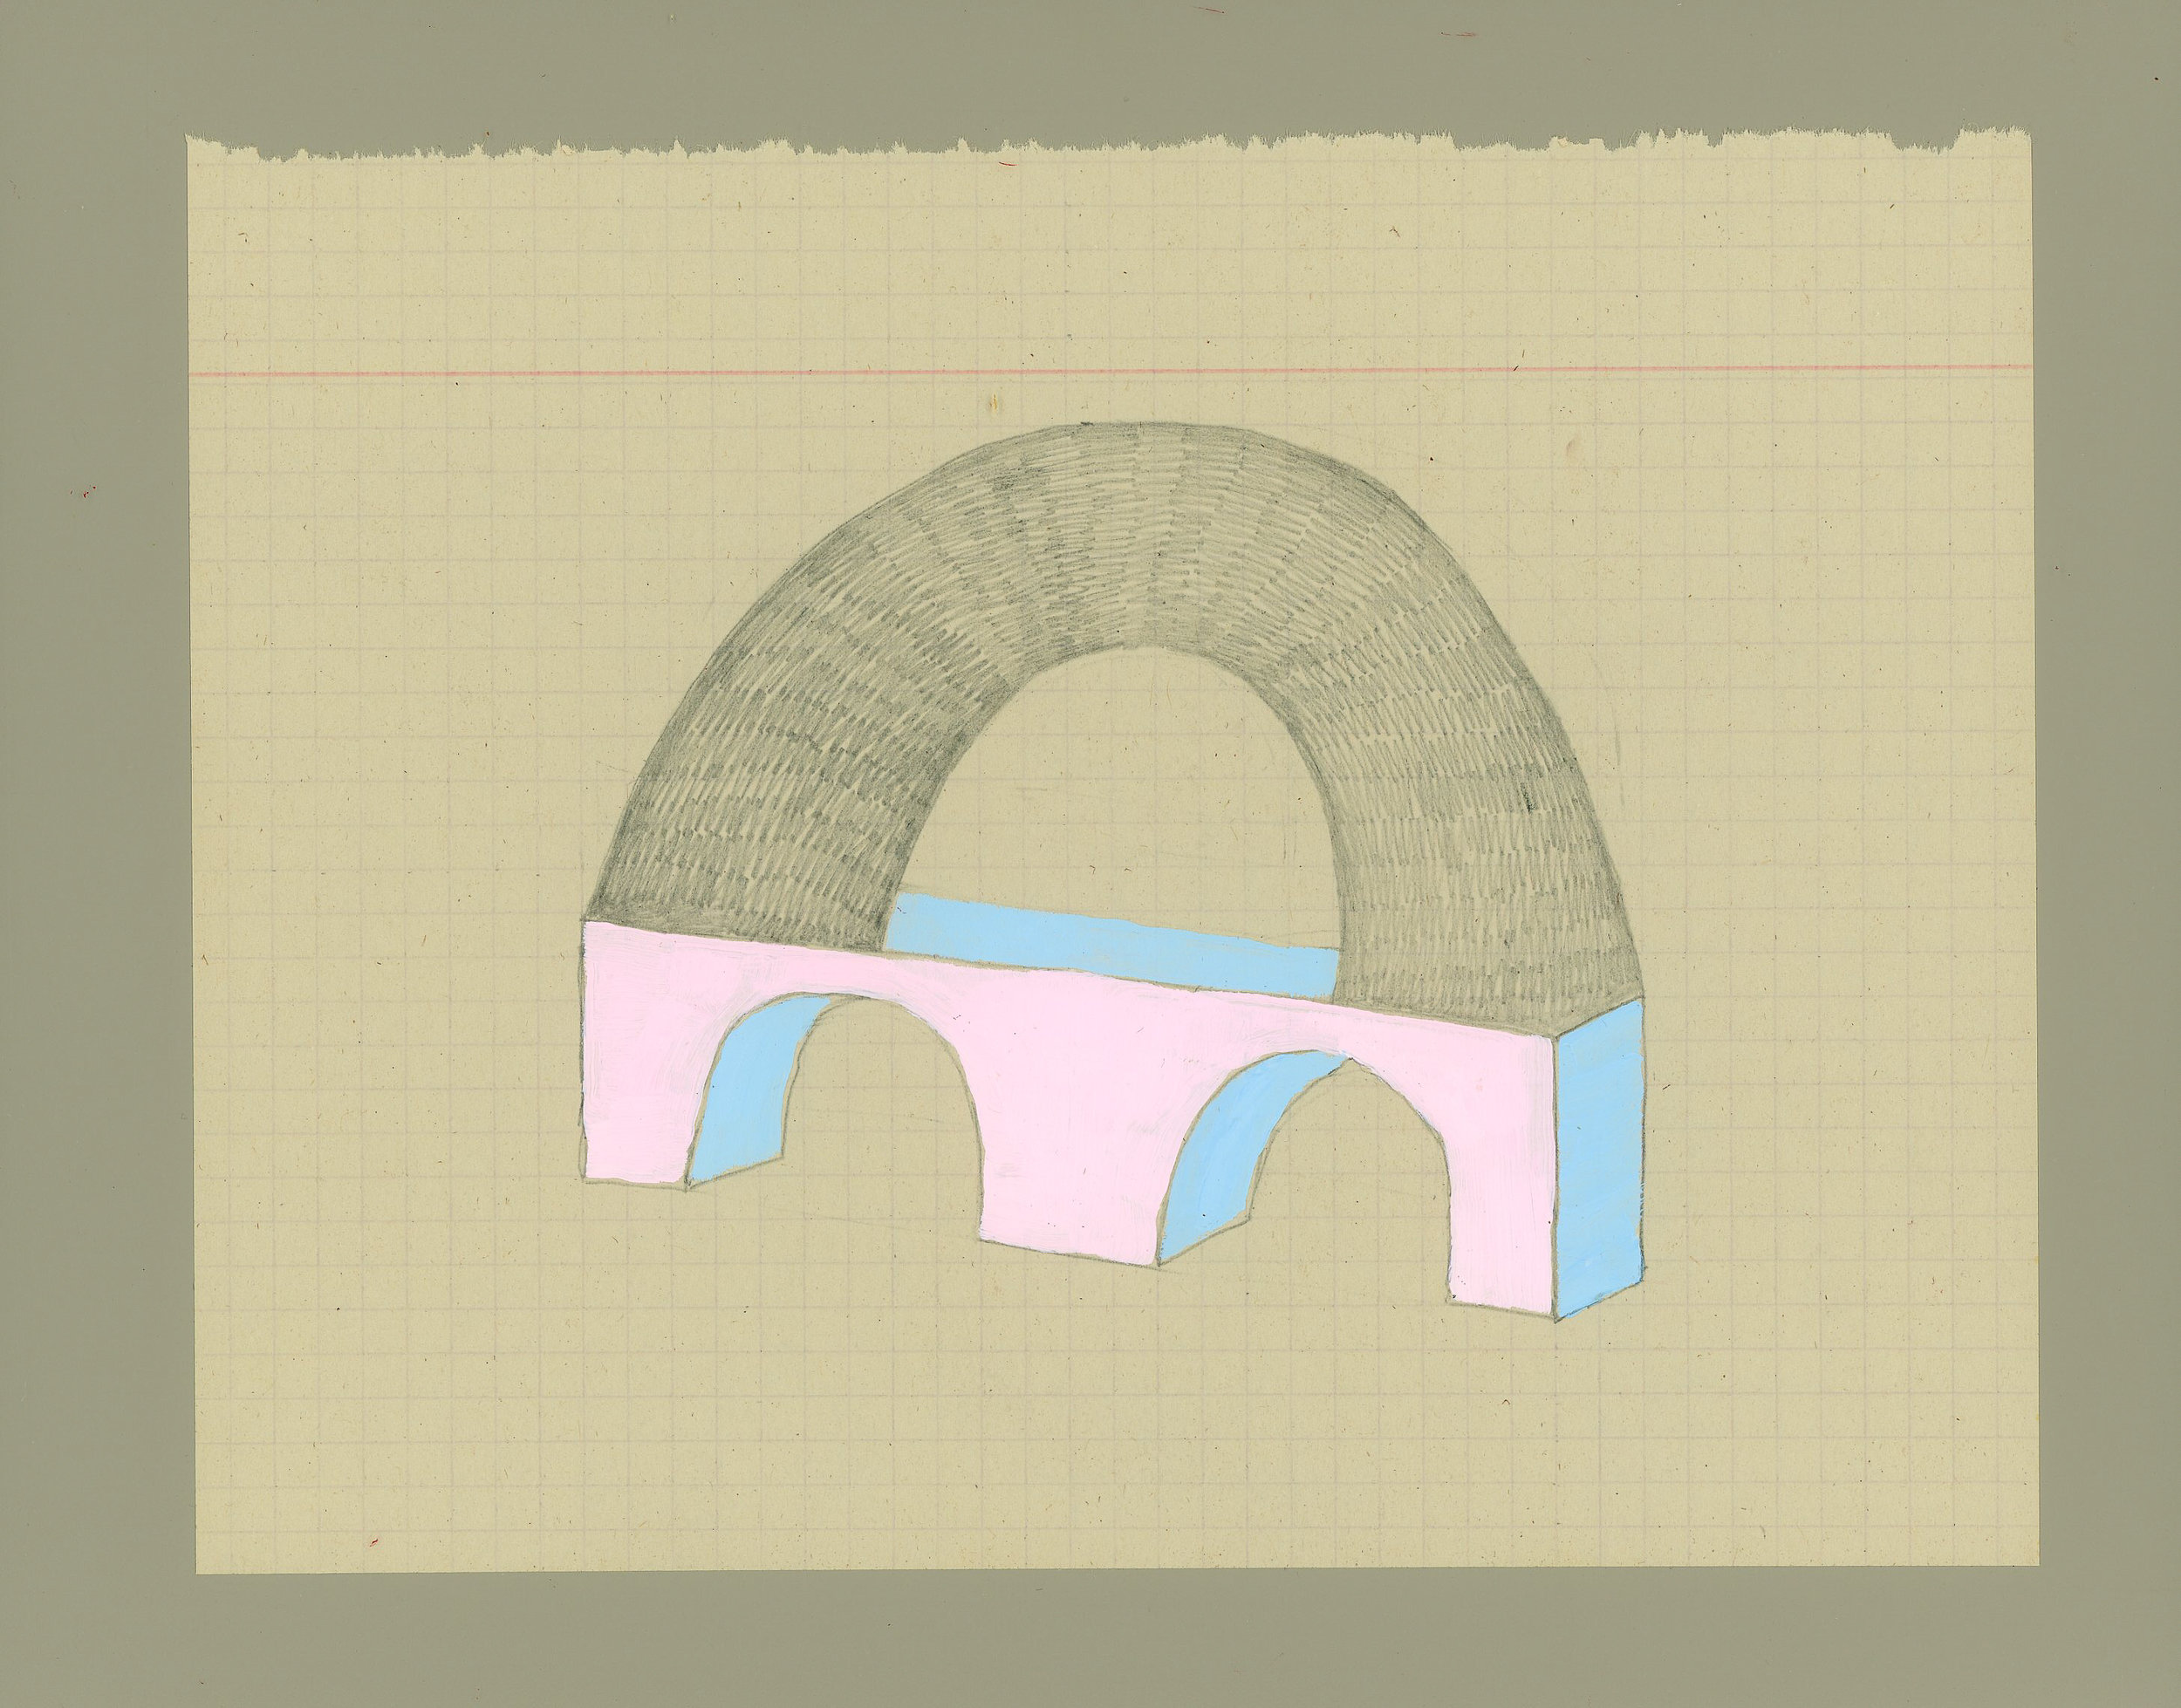 Spangler024.jpg